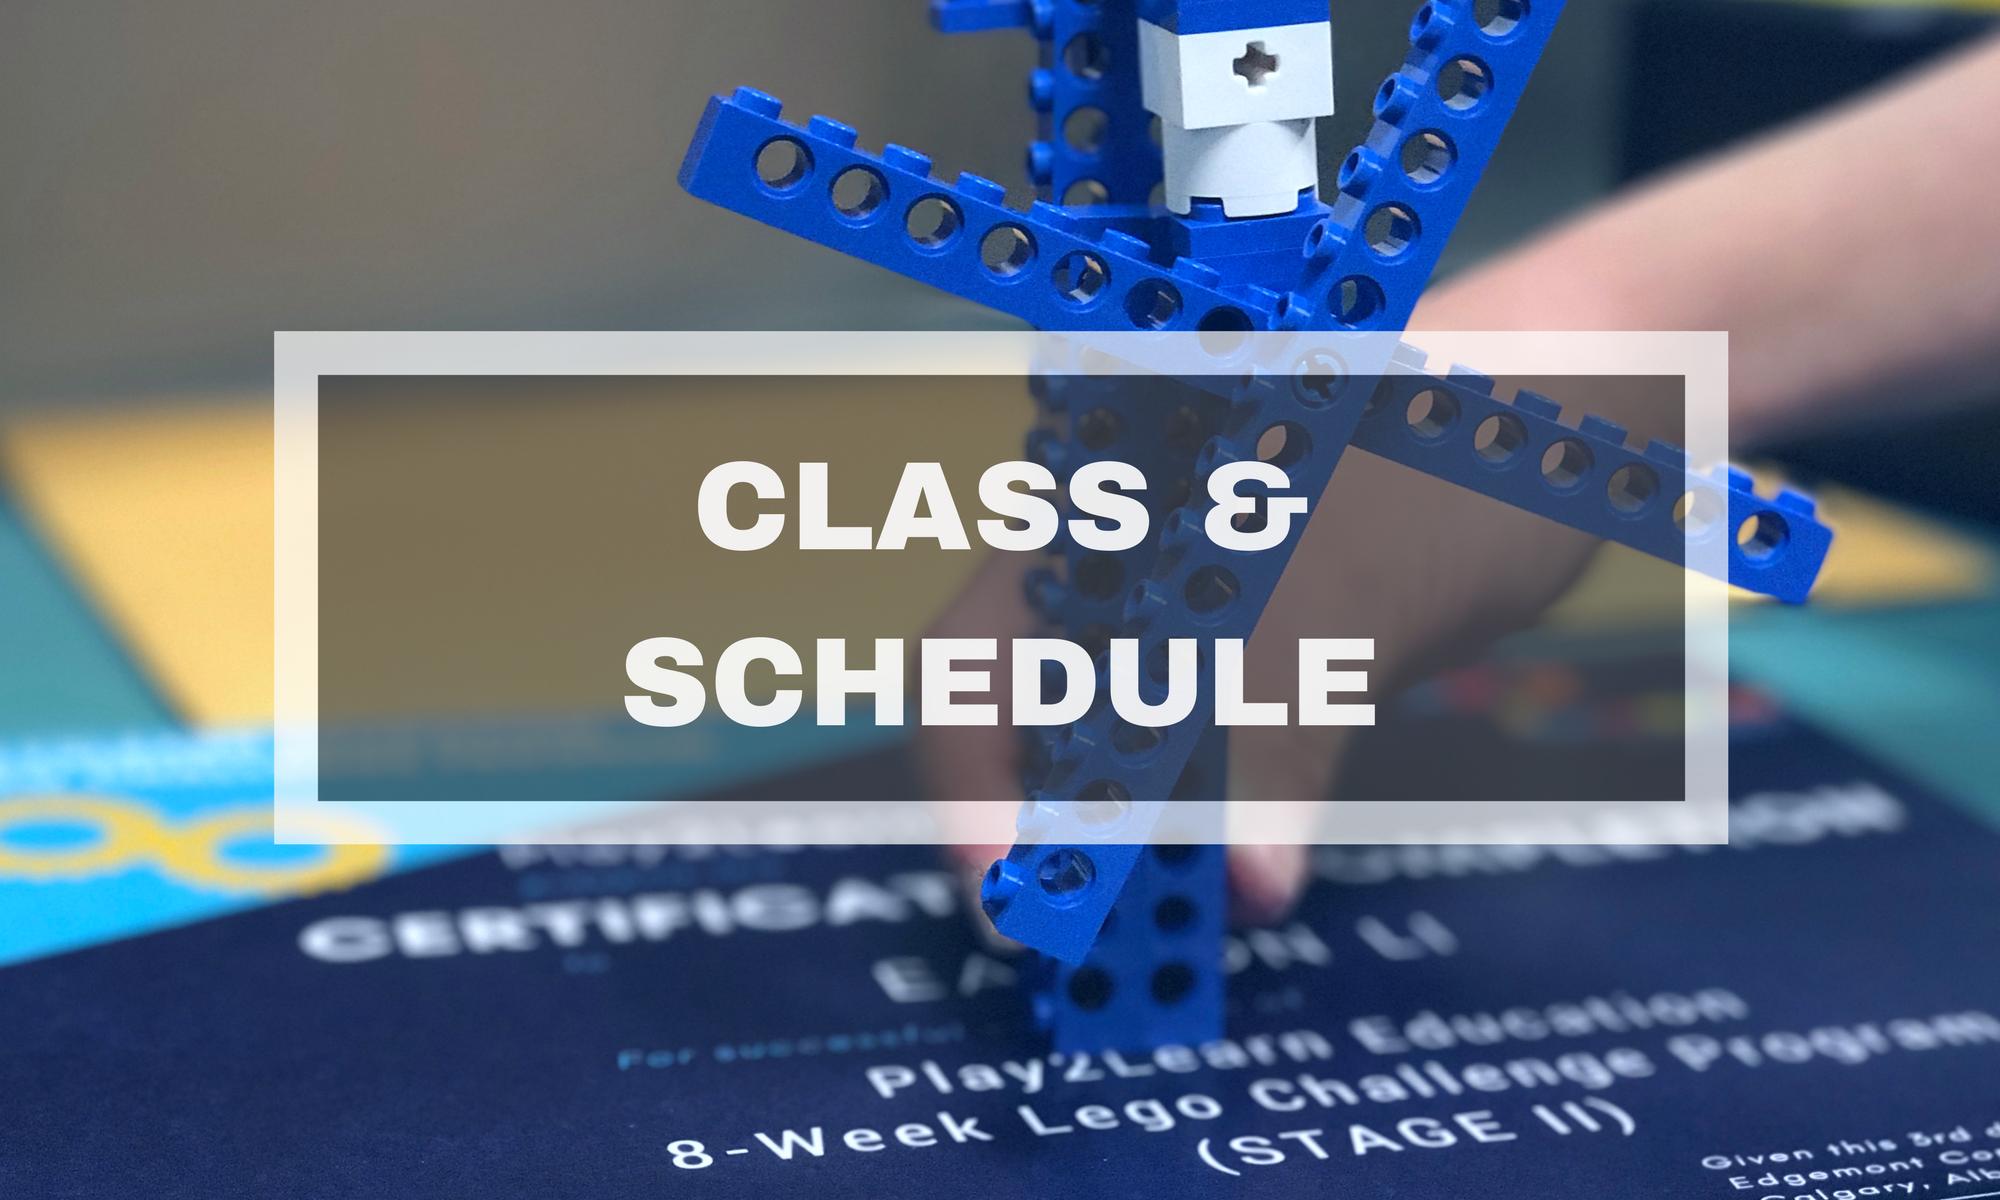 Class & Schedule